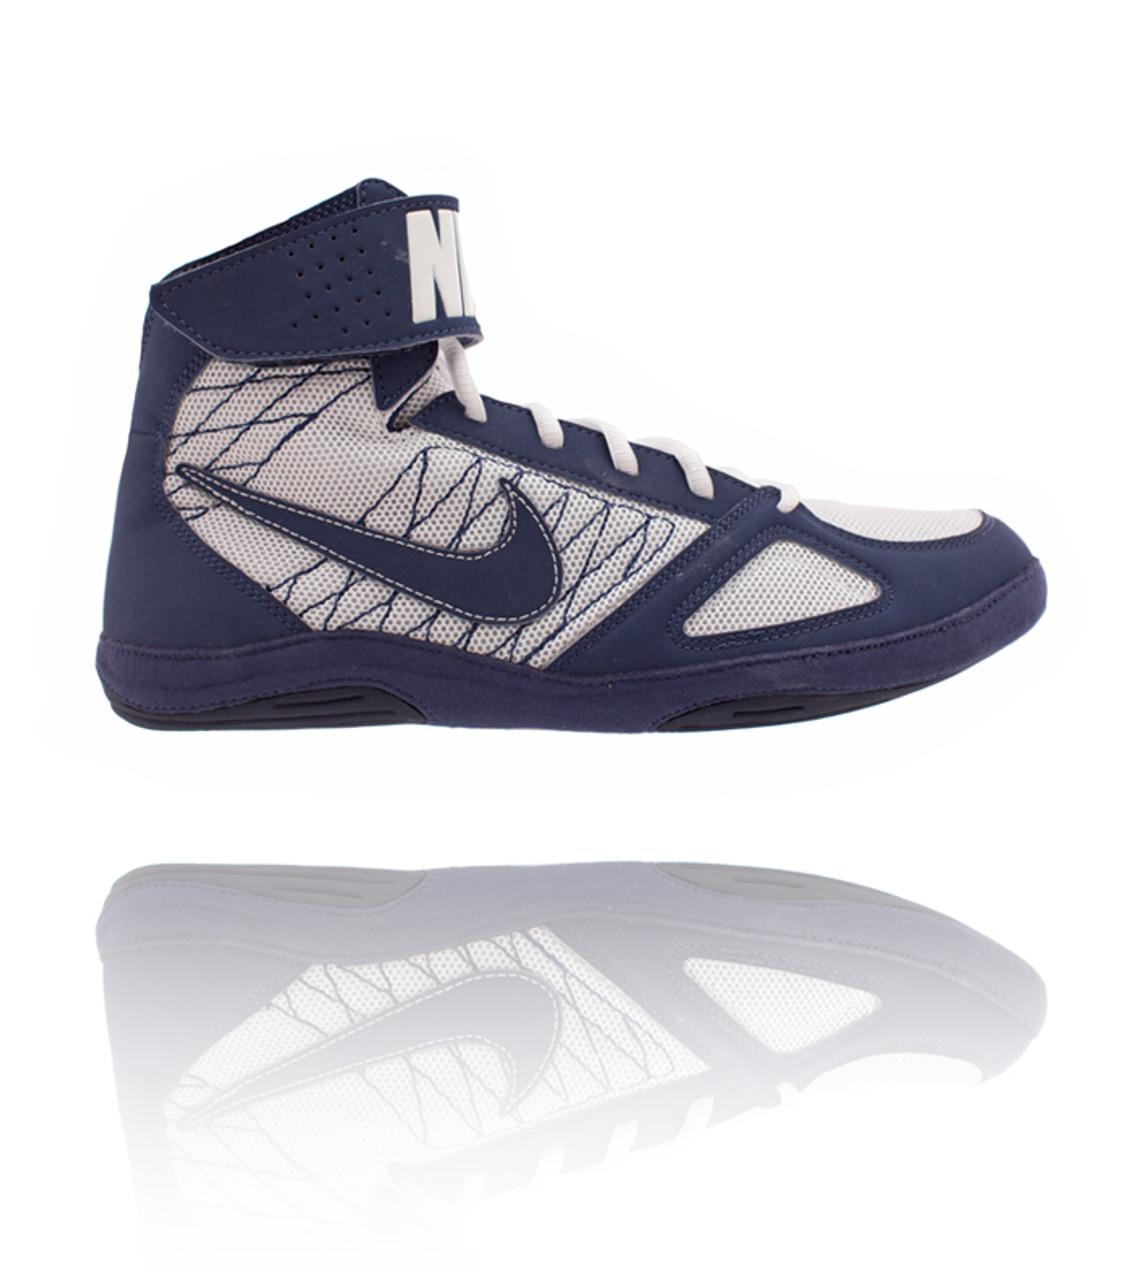 Productividad Corrección Palabra  Nike Takedown 4 Navy / White / Navy